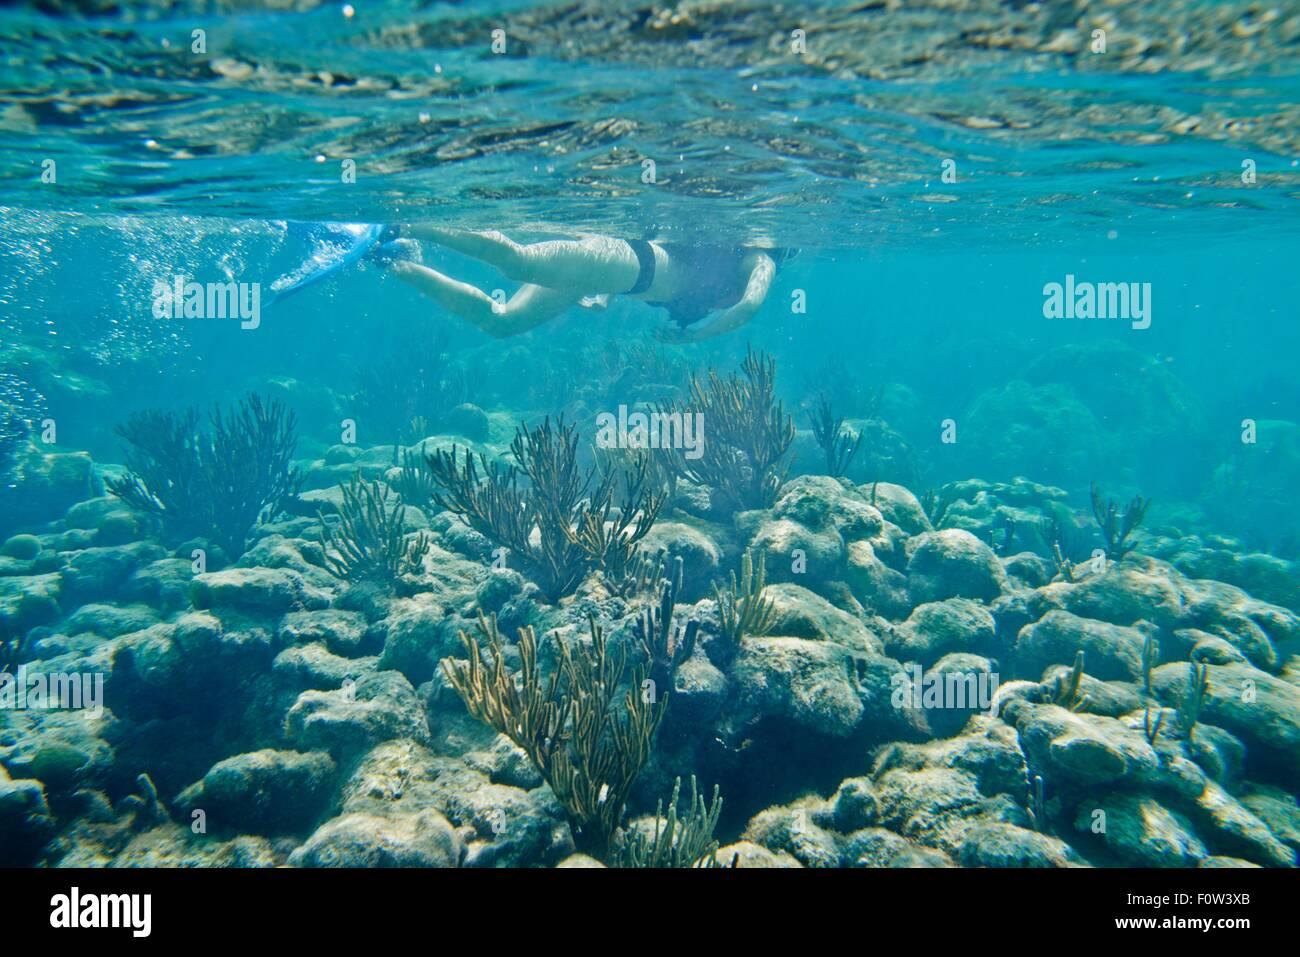 Buceador nadar a lo largo de arrecifes Imagen De Stock